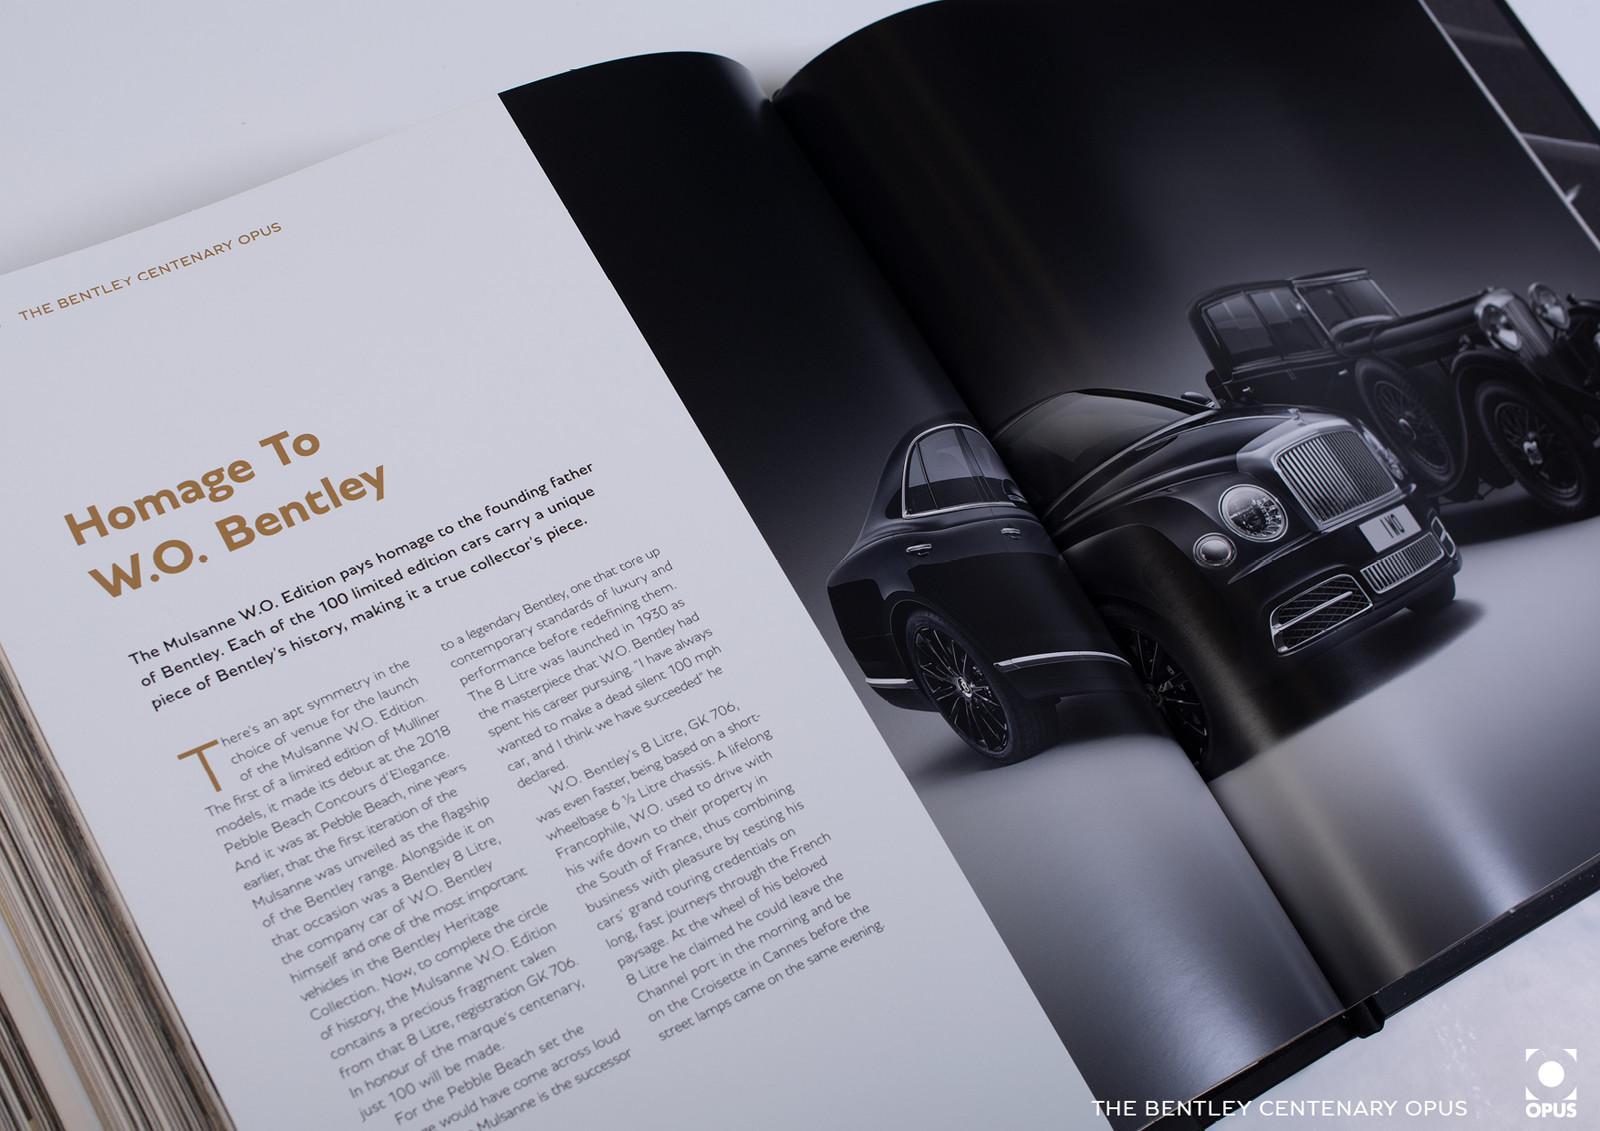 Bentley Centenario (libro)